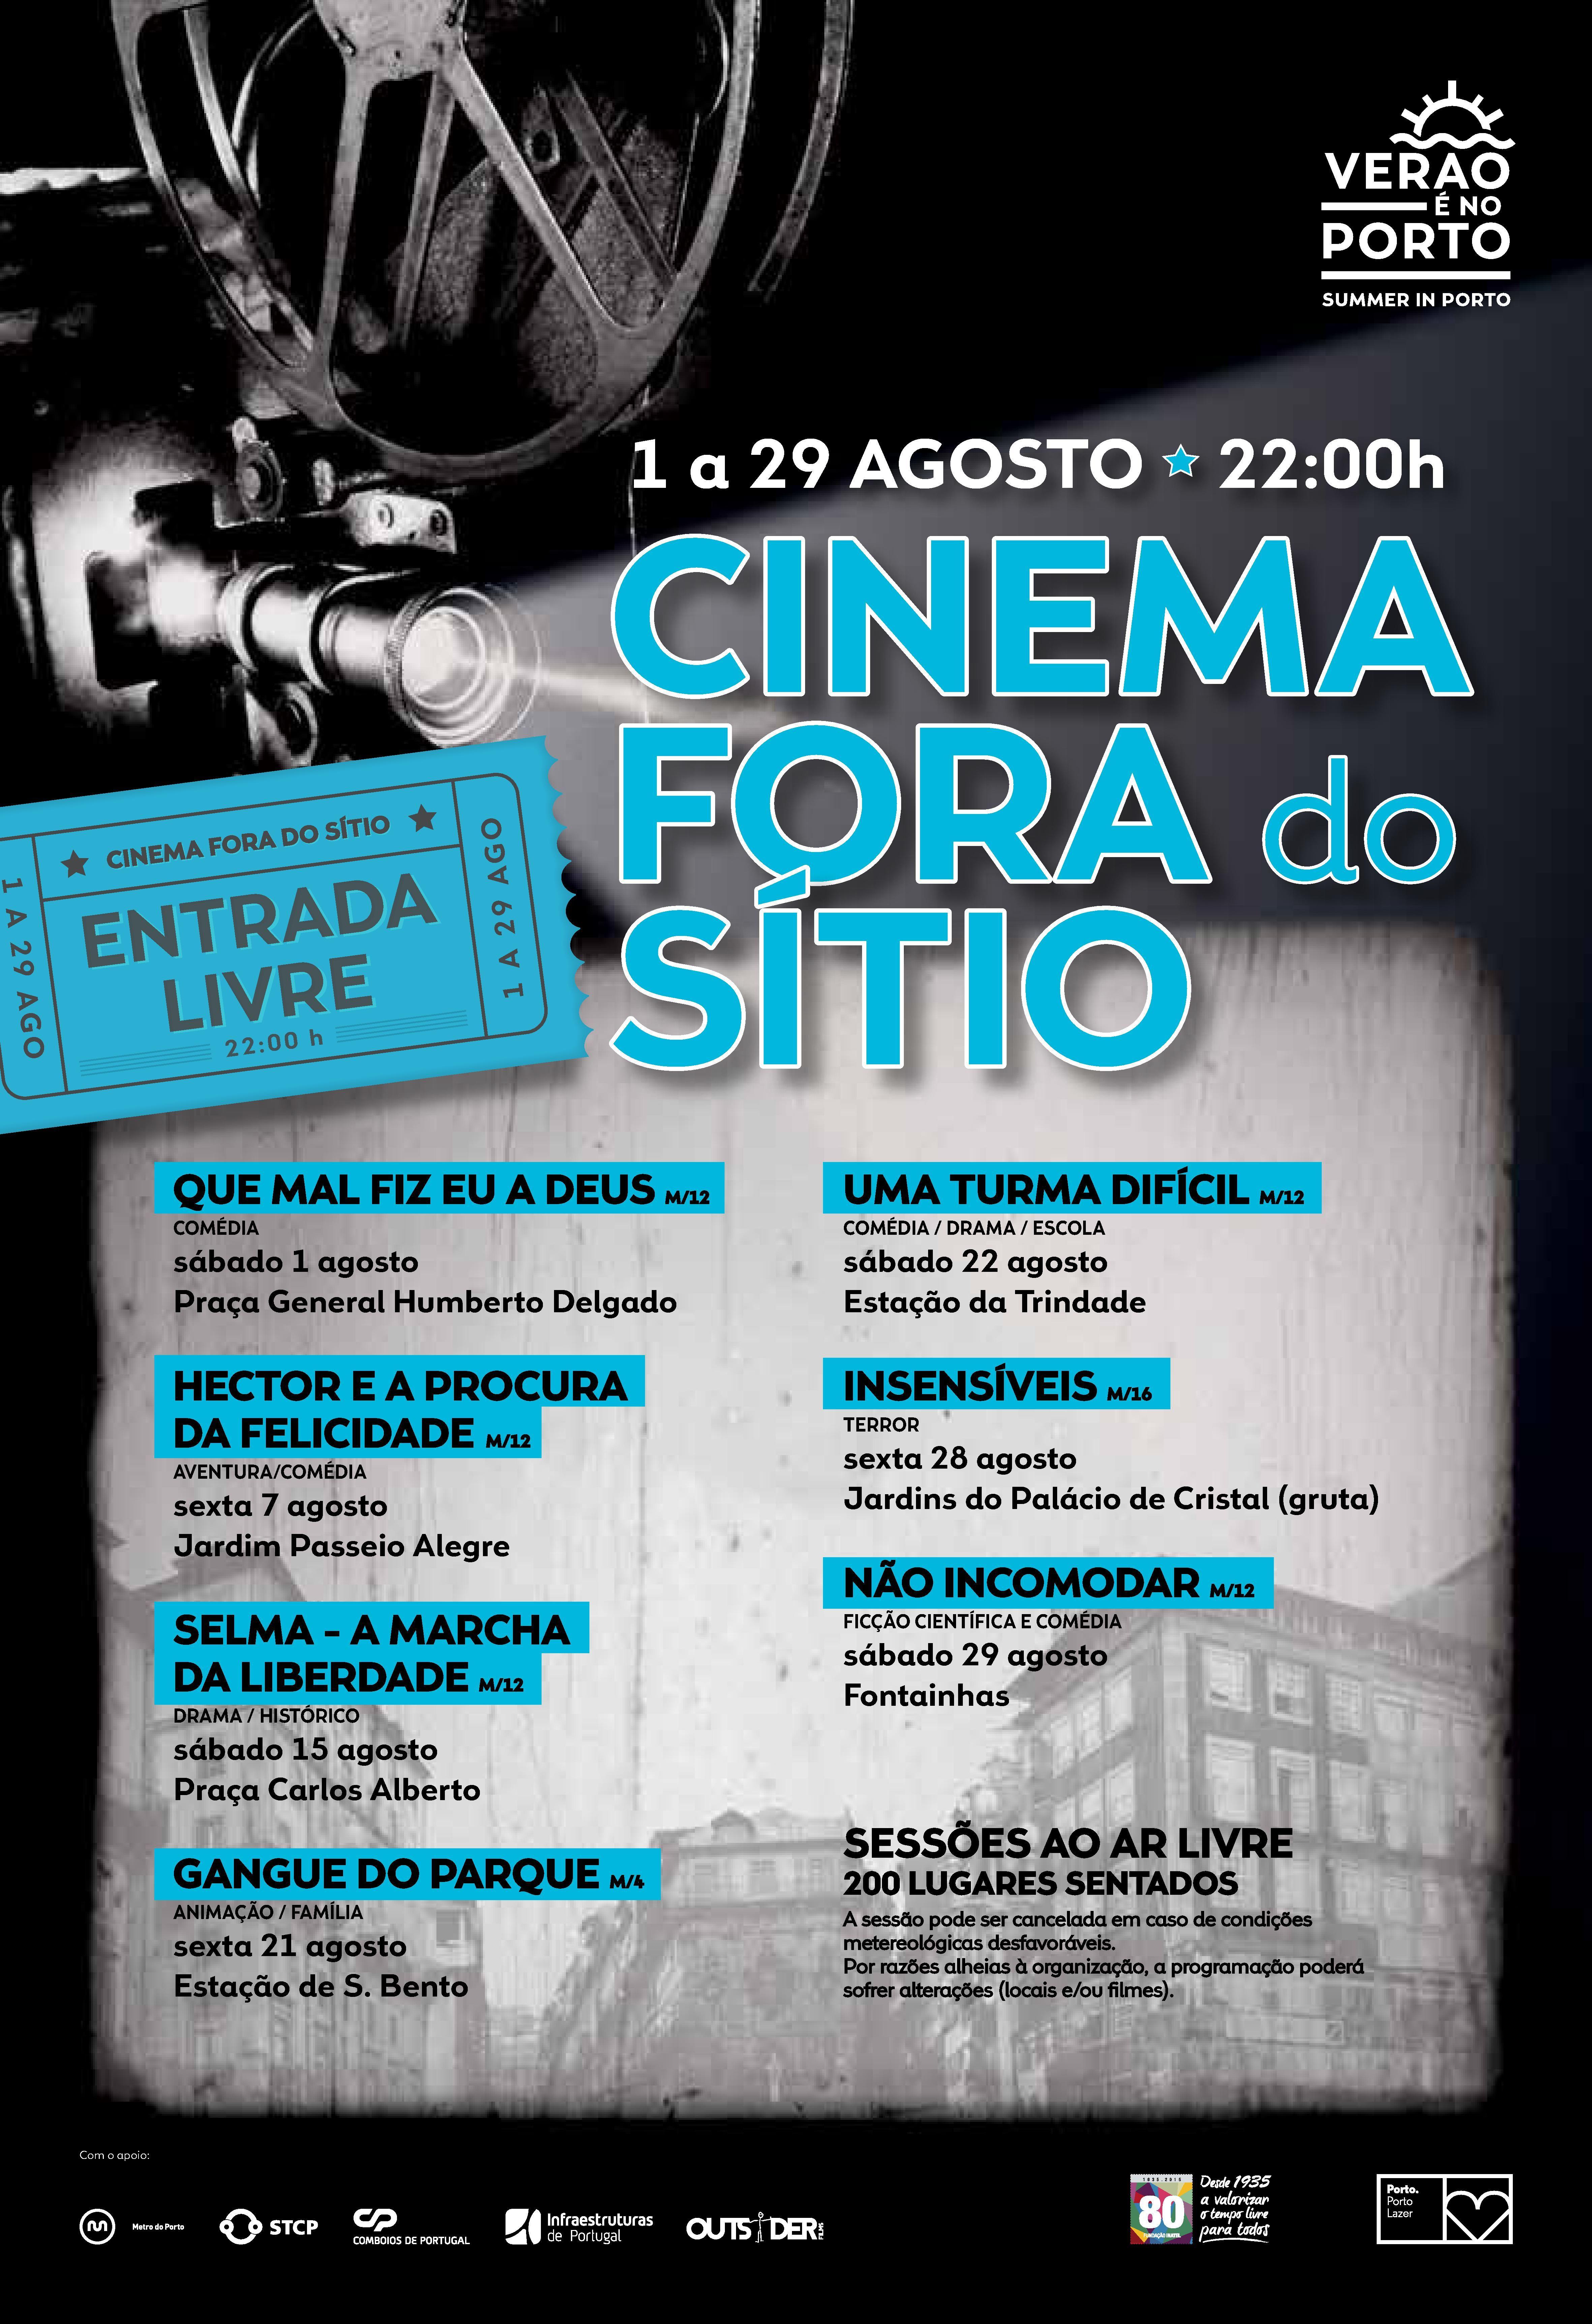 Cinema Fora do Sítio 2015_1